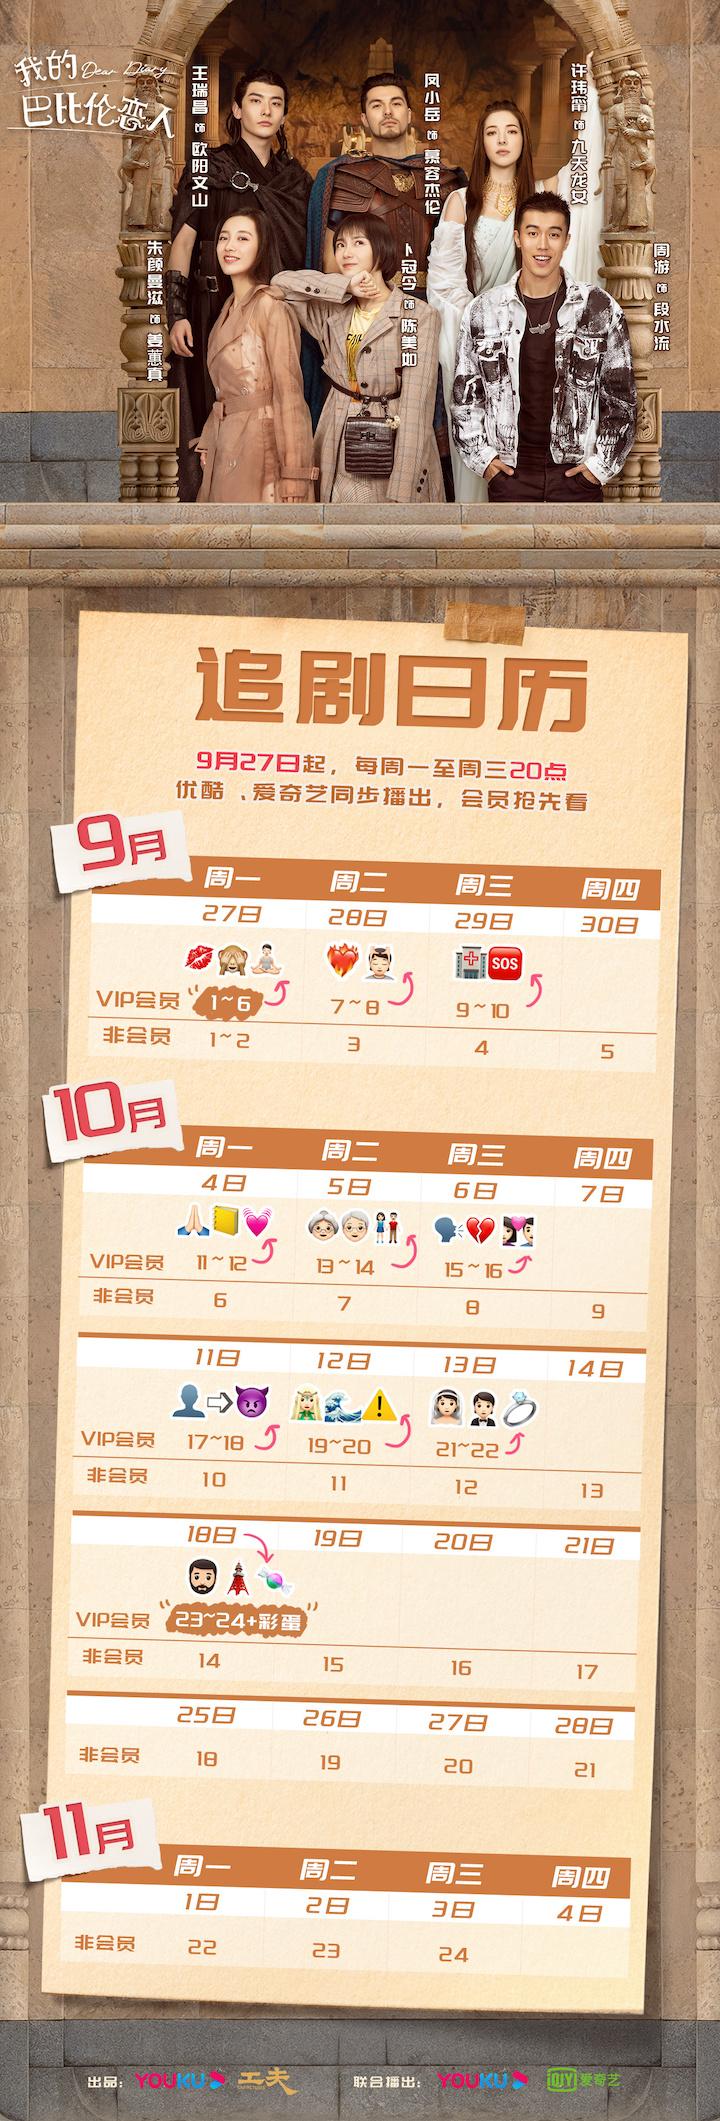 Dear Diary Chinese Drama Airing Calendar